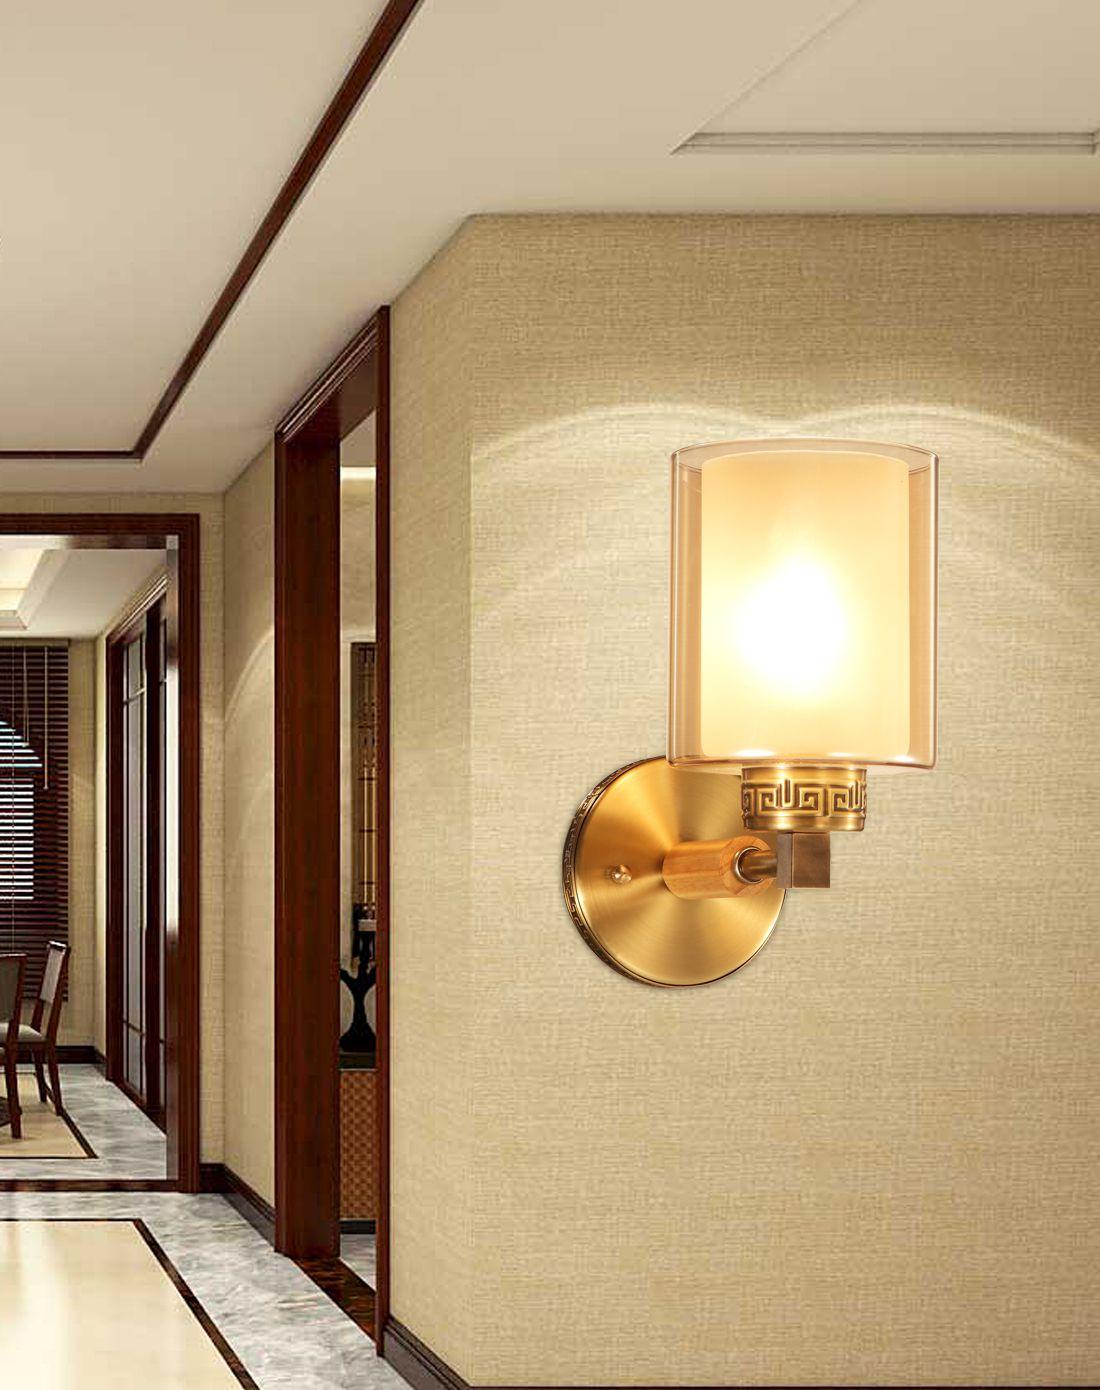 新中式过道卧室床头铜壁灯